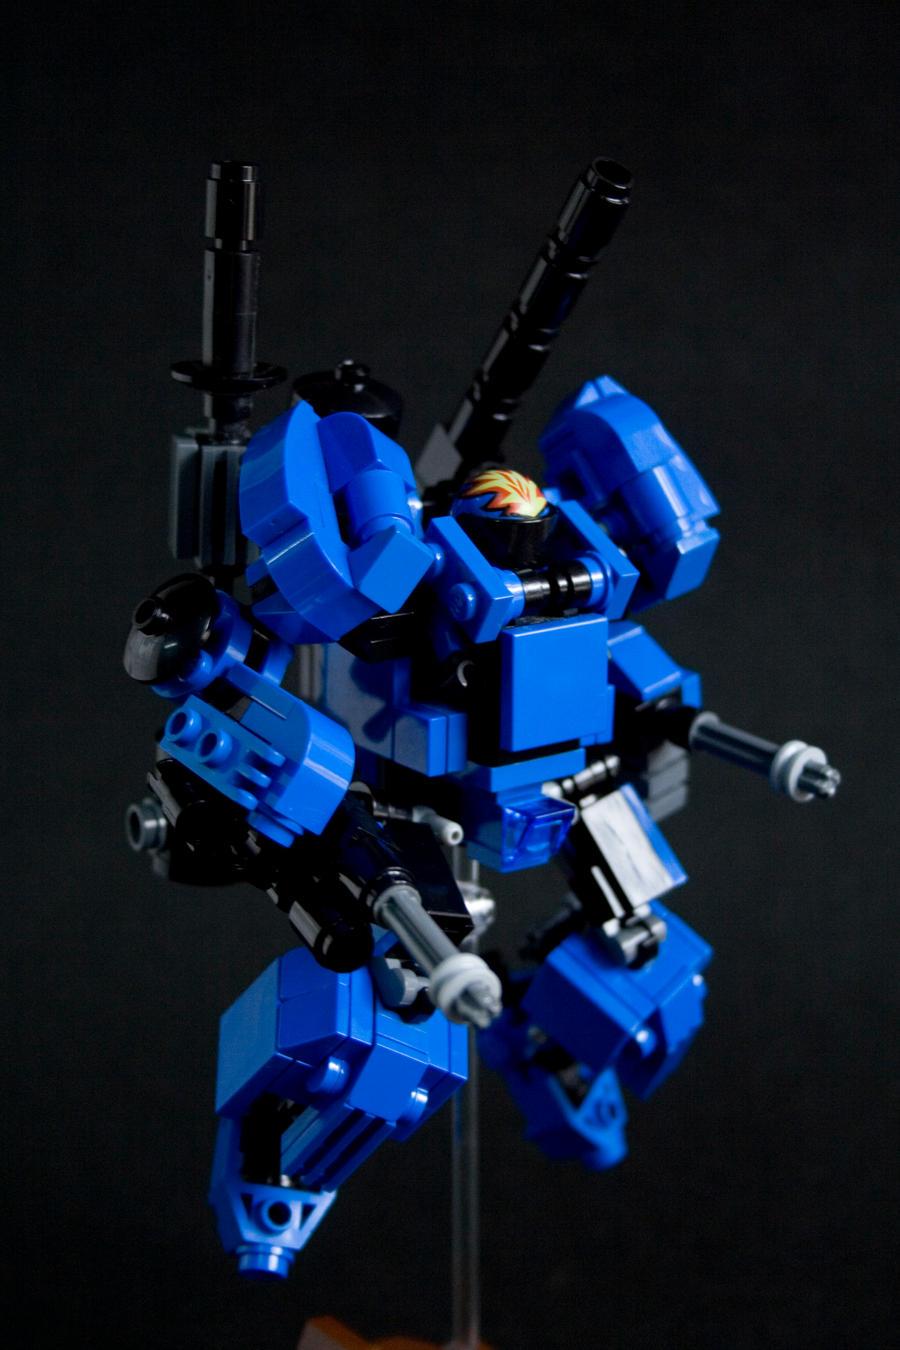 SSA-NF-01 by JohnHo-TheLegoArt